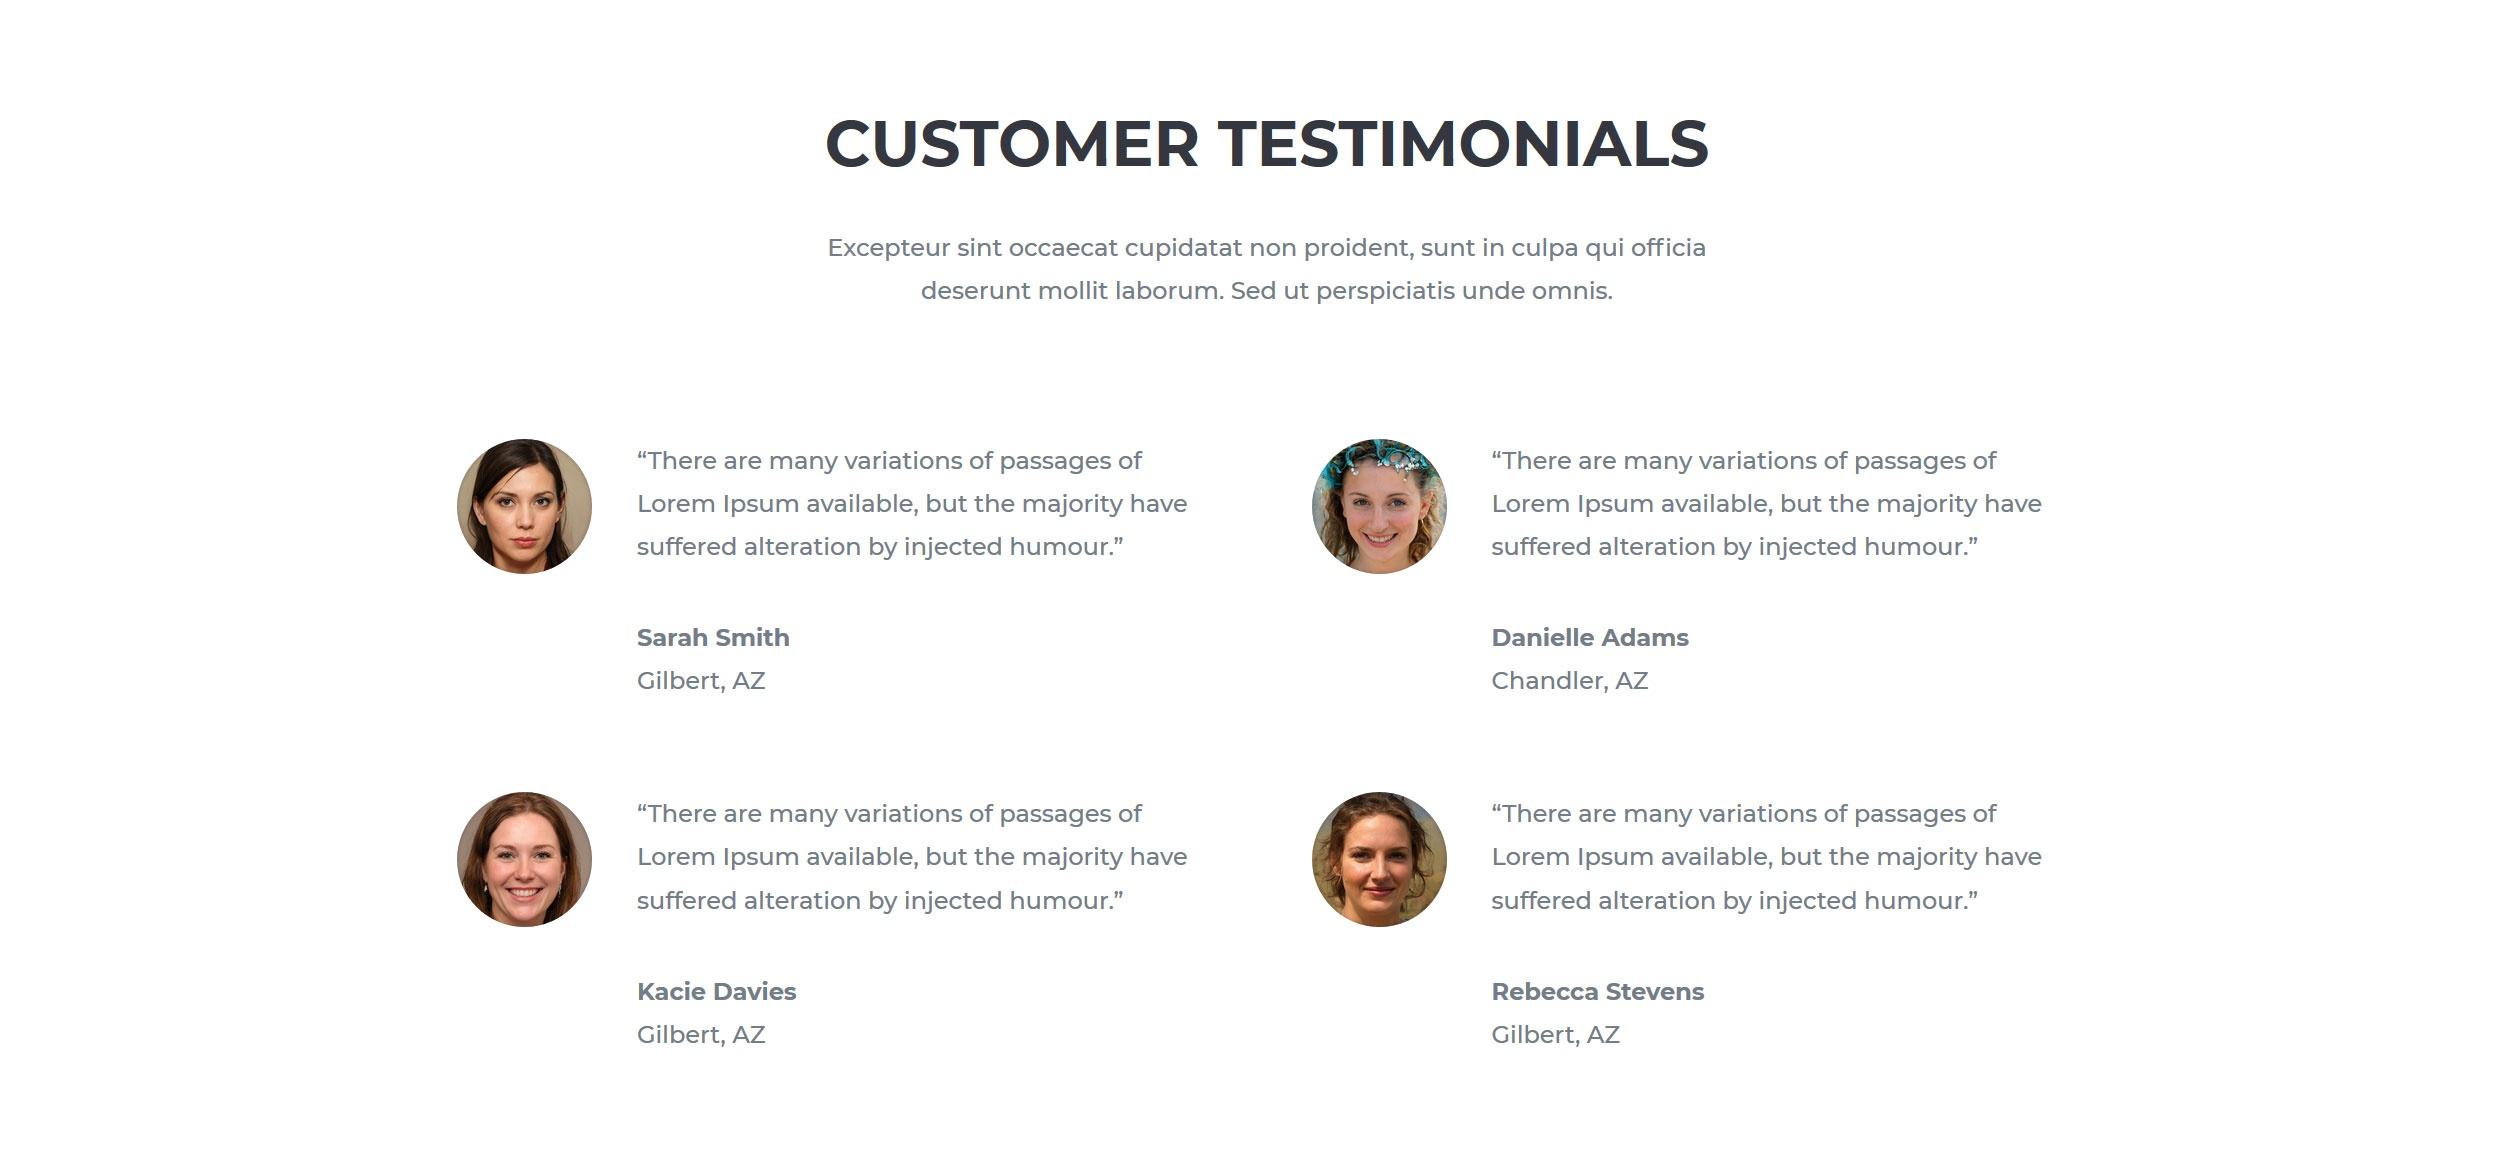 Website for Hairdressers v1 - Testimonials